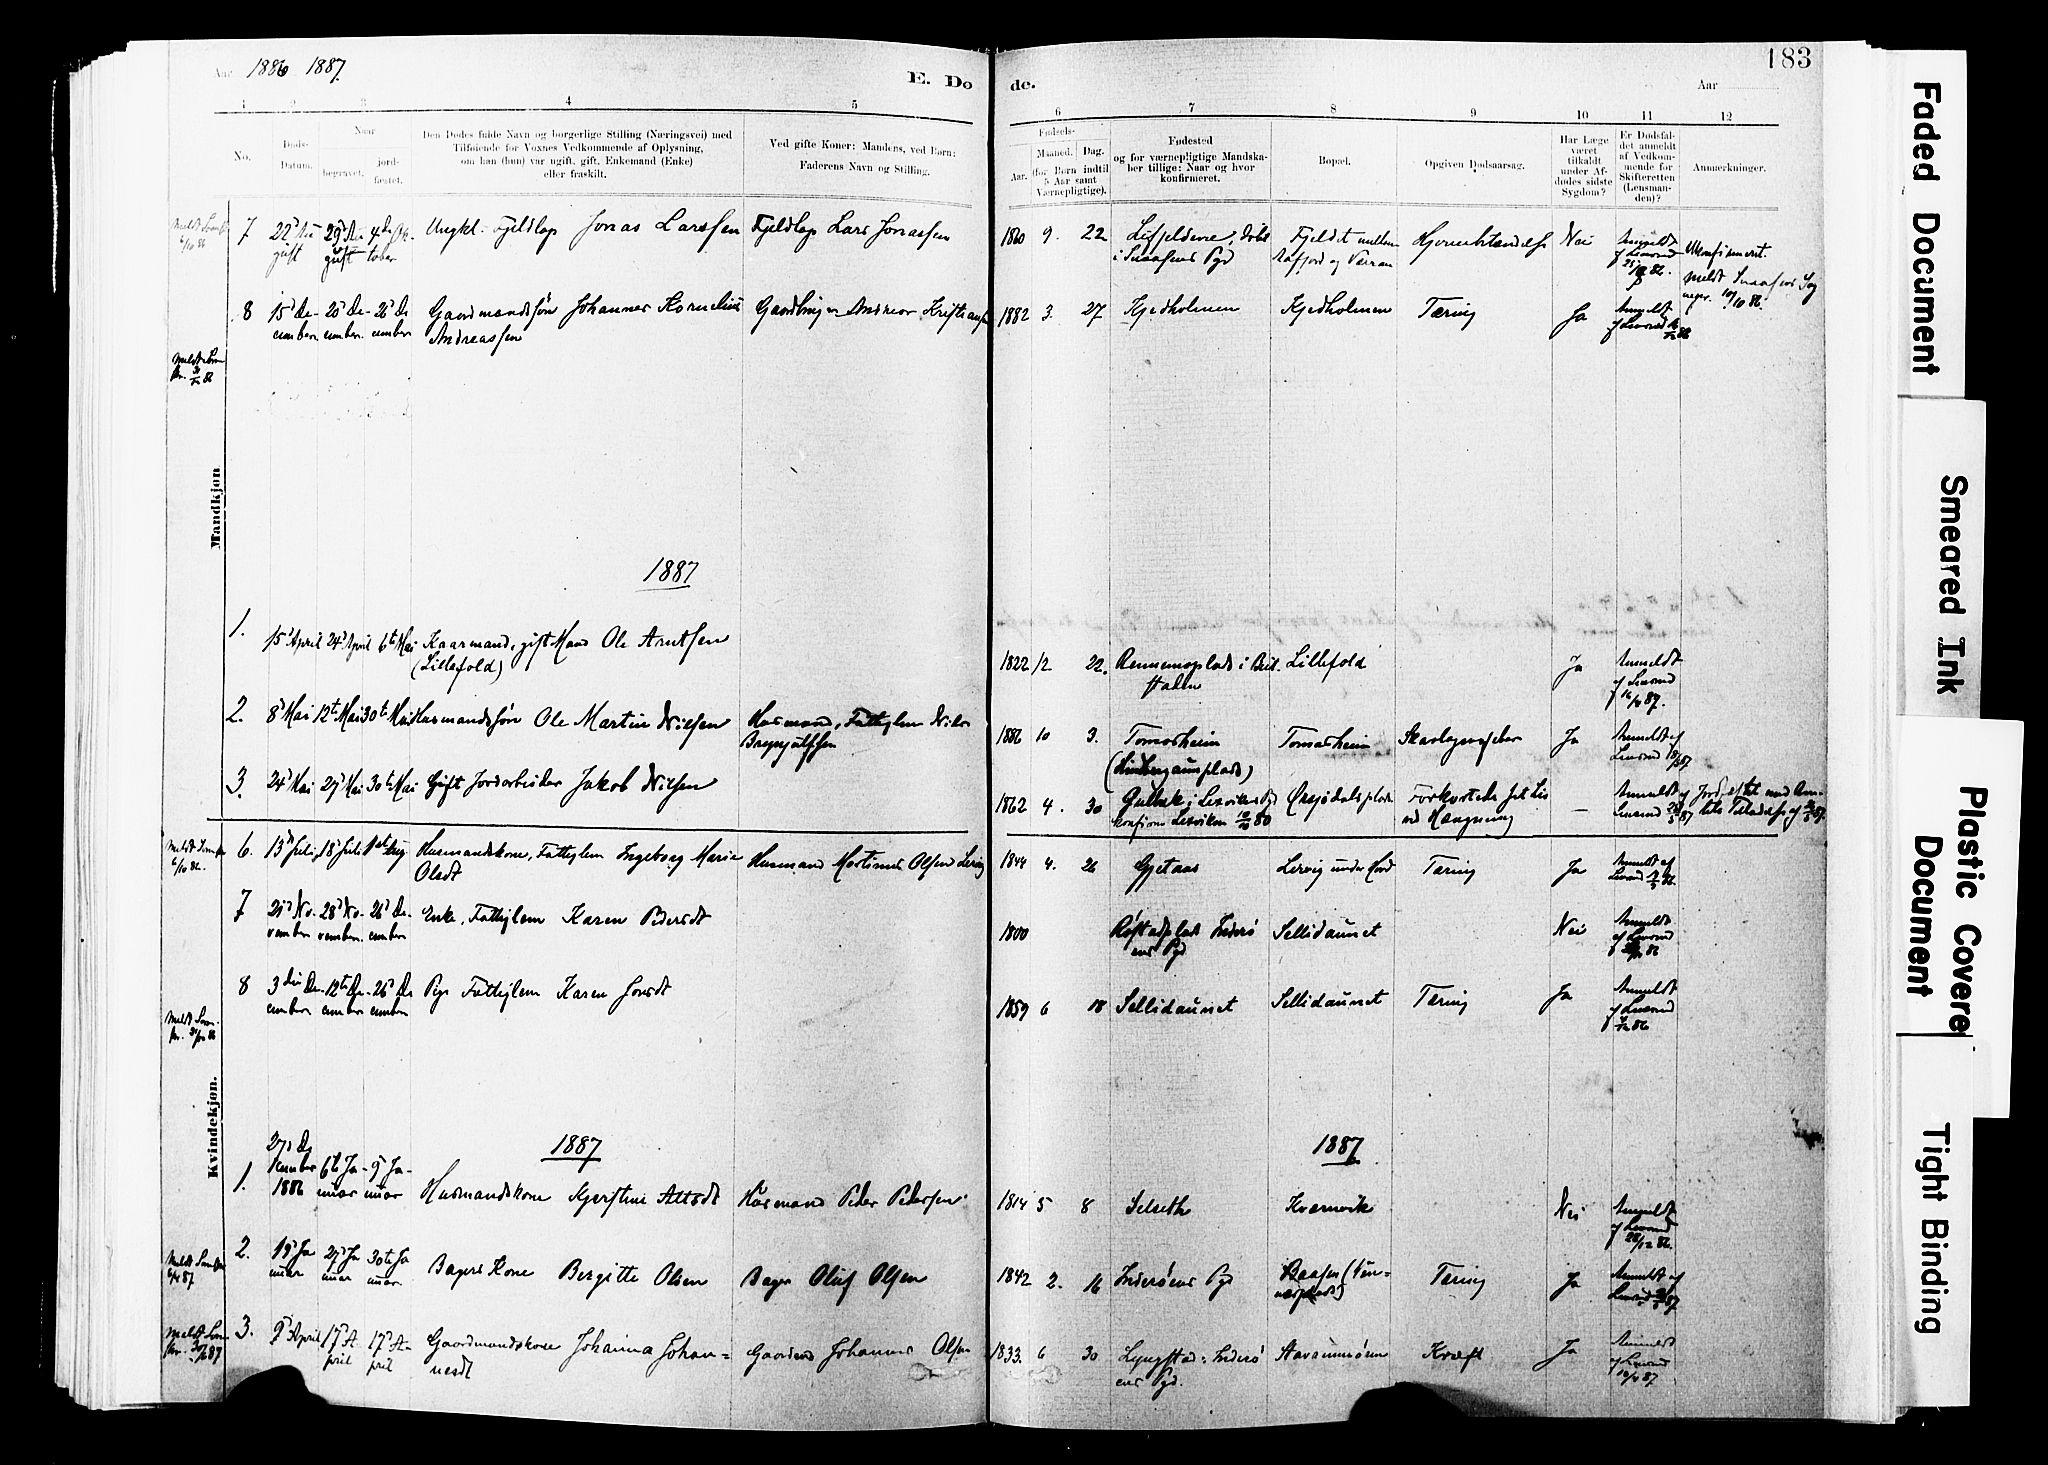 SAT, Ministerialprotokoller, klokkerbøker og fødselsregistre - Nord-Trøndelag, 744/L0420: Ministerialbok nr. 744A04, 1882-1904, s. 183